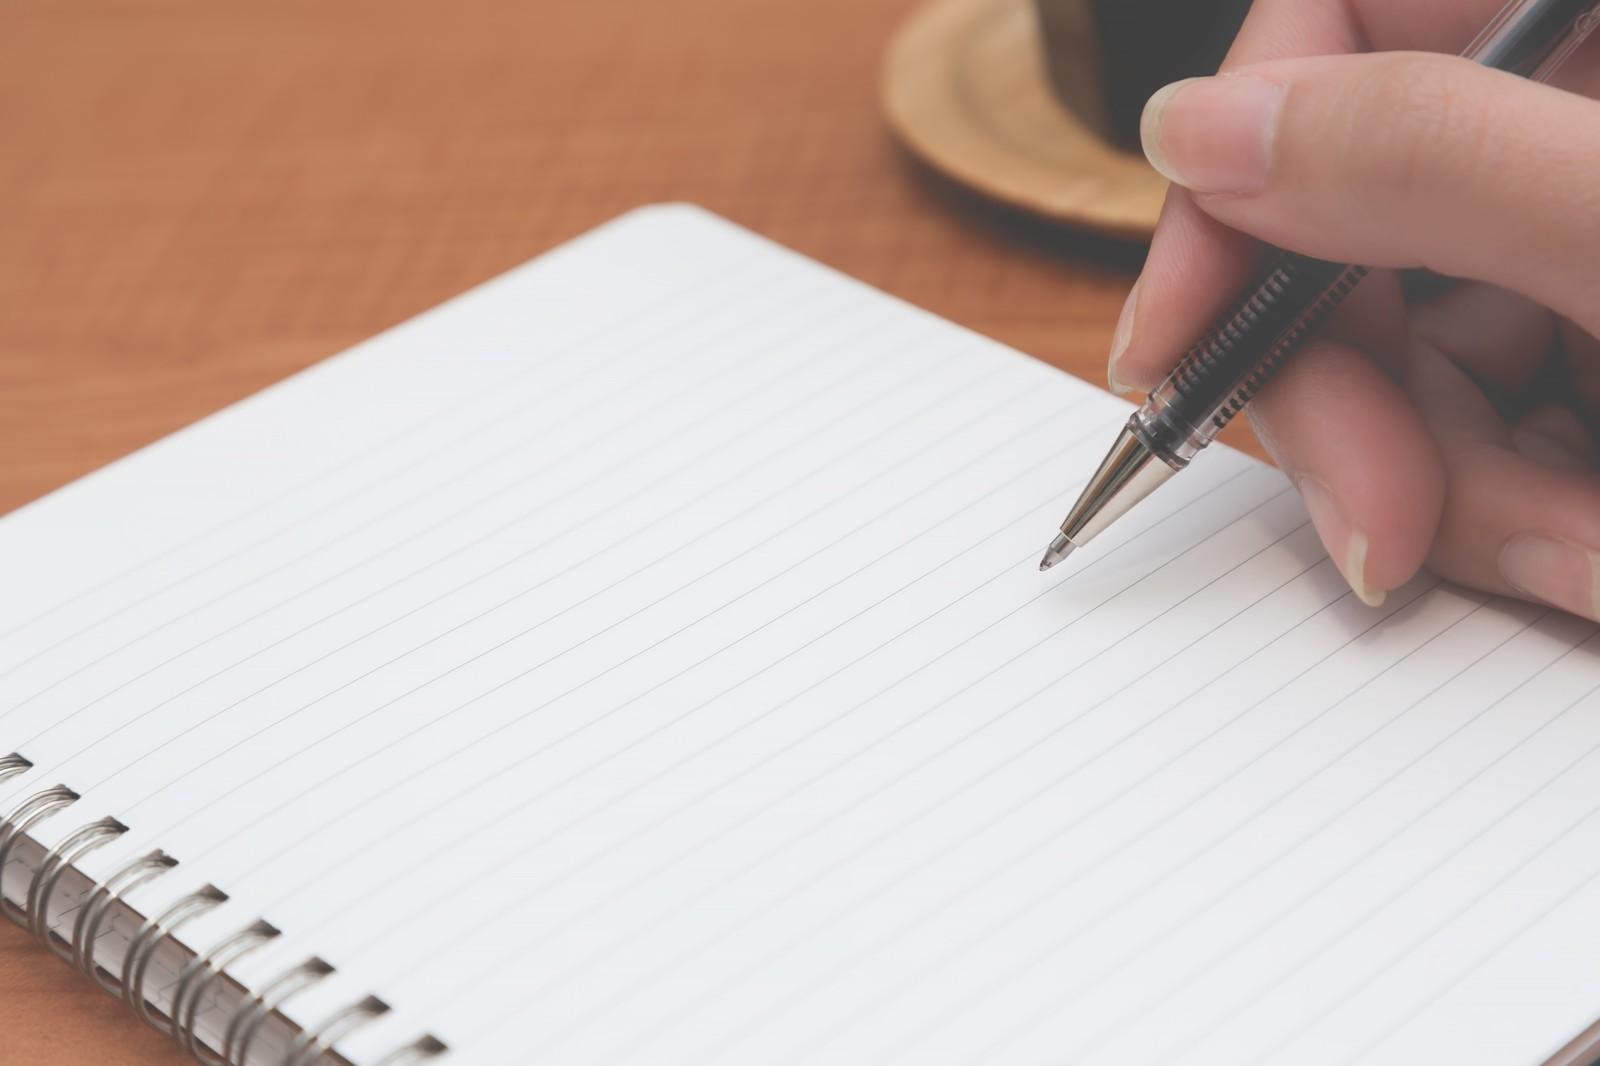 中途採用の筆記試験、一般常識問題や適性検査、論文はどう対策すればい?